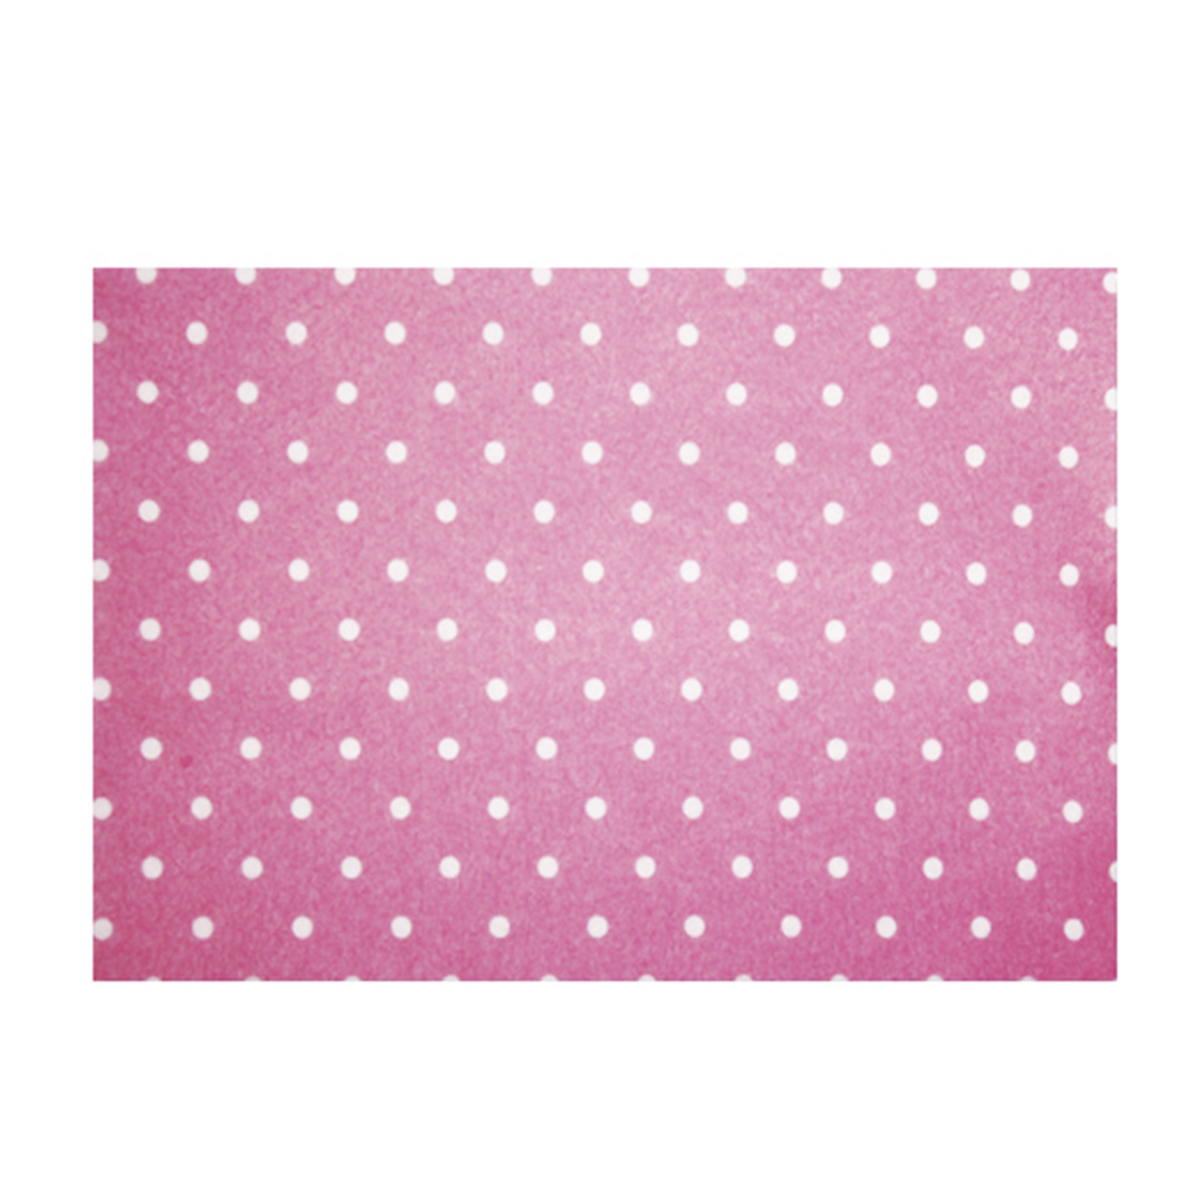 Фетр листовой декоративный Астра Горох, цвет: розовый, 20 х 30 см, 5 шт7715763_YF 614 розовый